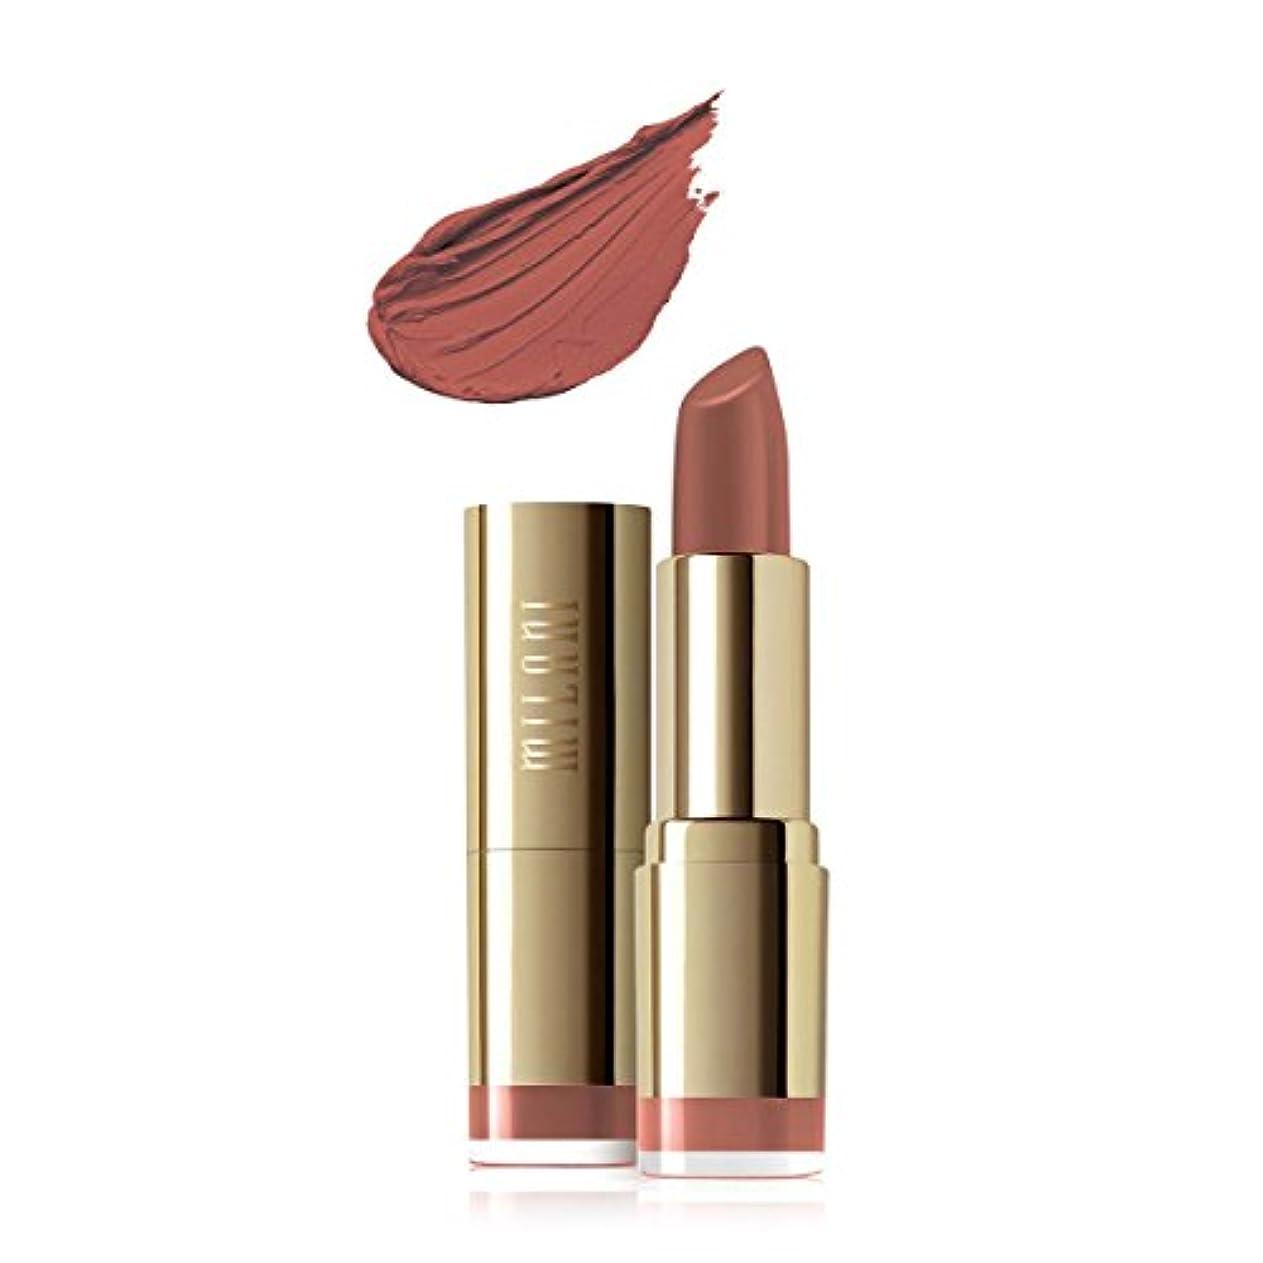 良さ野球エージェントMILANI Color Statement Moisture Matte Lipstick - Matte Beauty (並行輸入品)